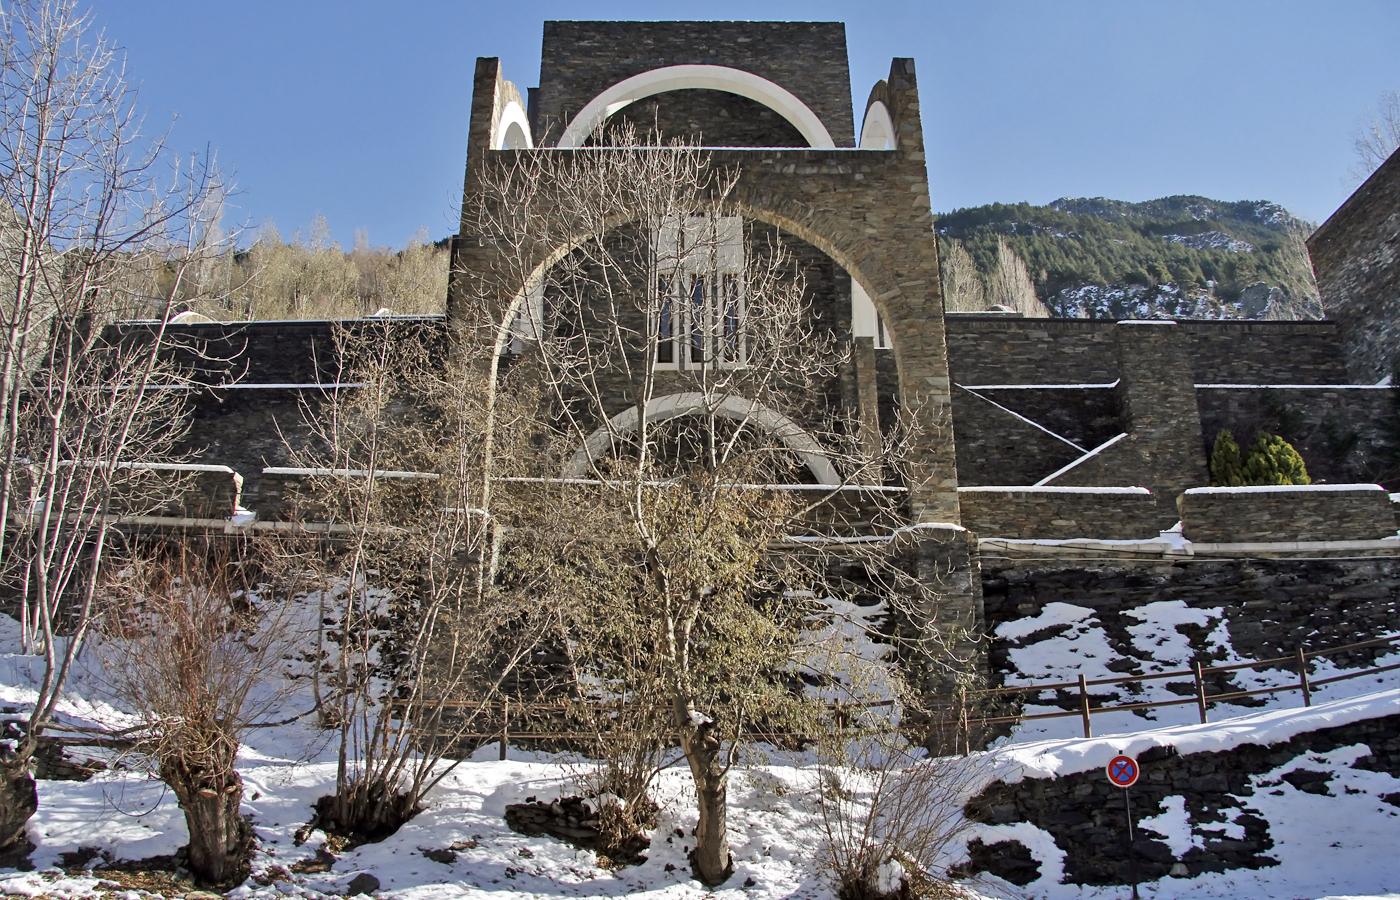 Santuario de Meritxell en Andorra